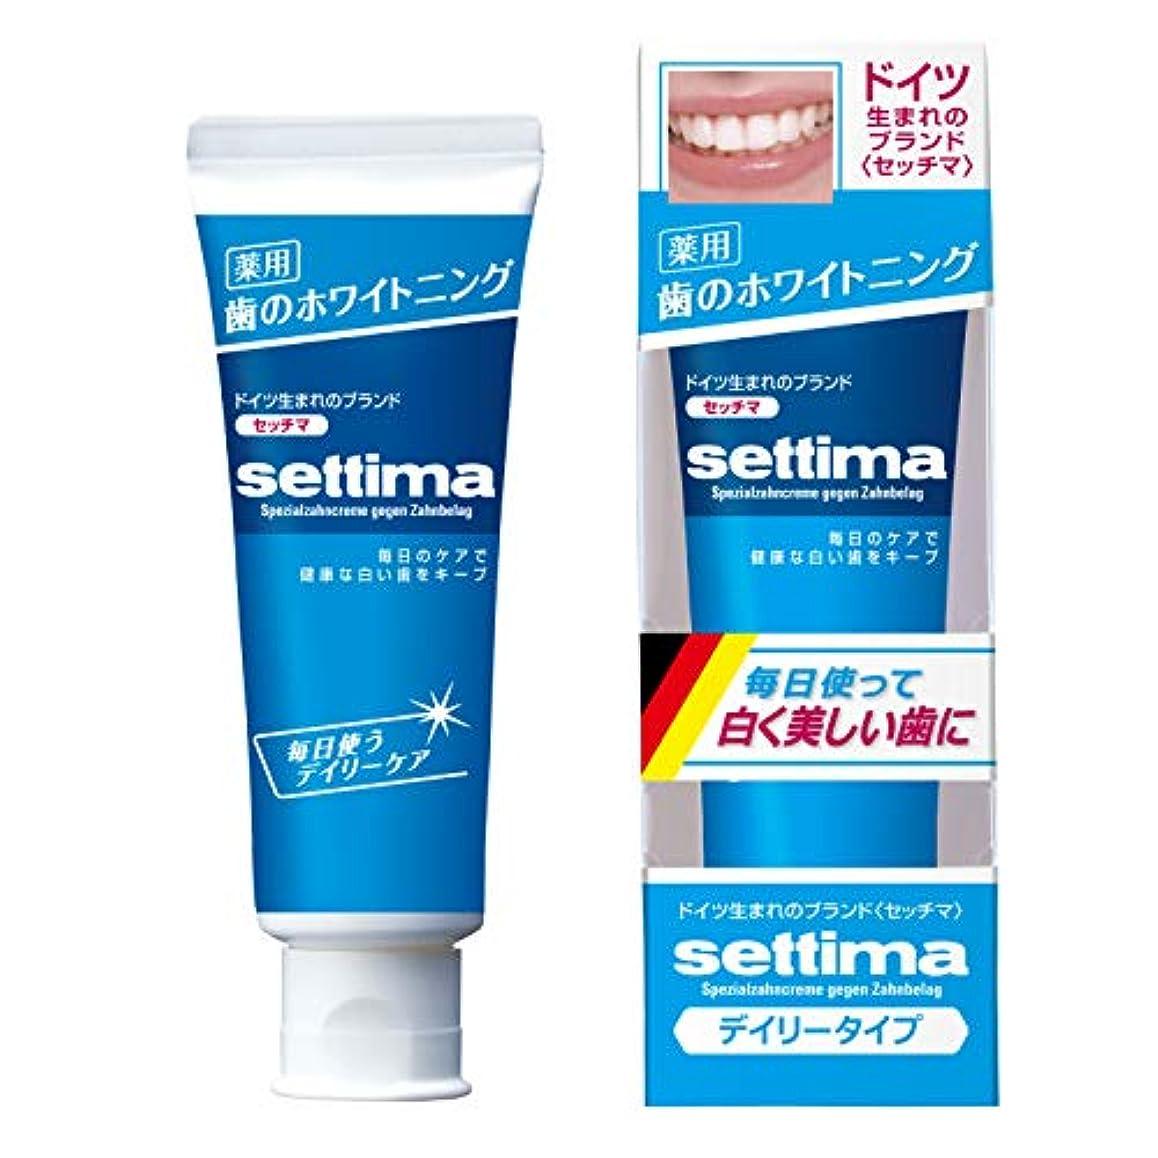 ウガンダクリープ首相settima(セッチマ) ホワイトニング 歯みがき デイリーケア [ファインミントタイプ]  80g